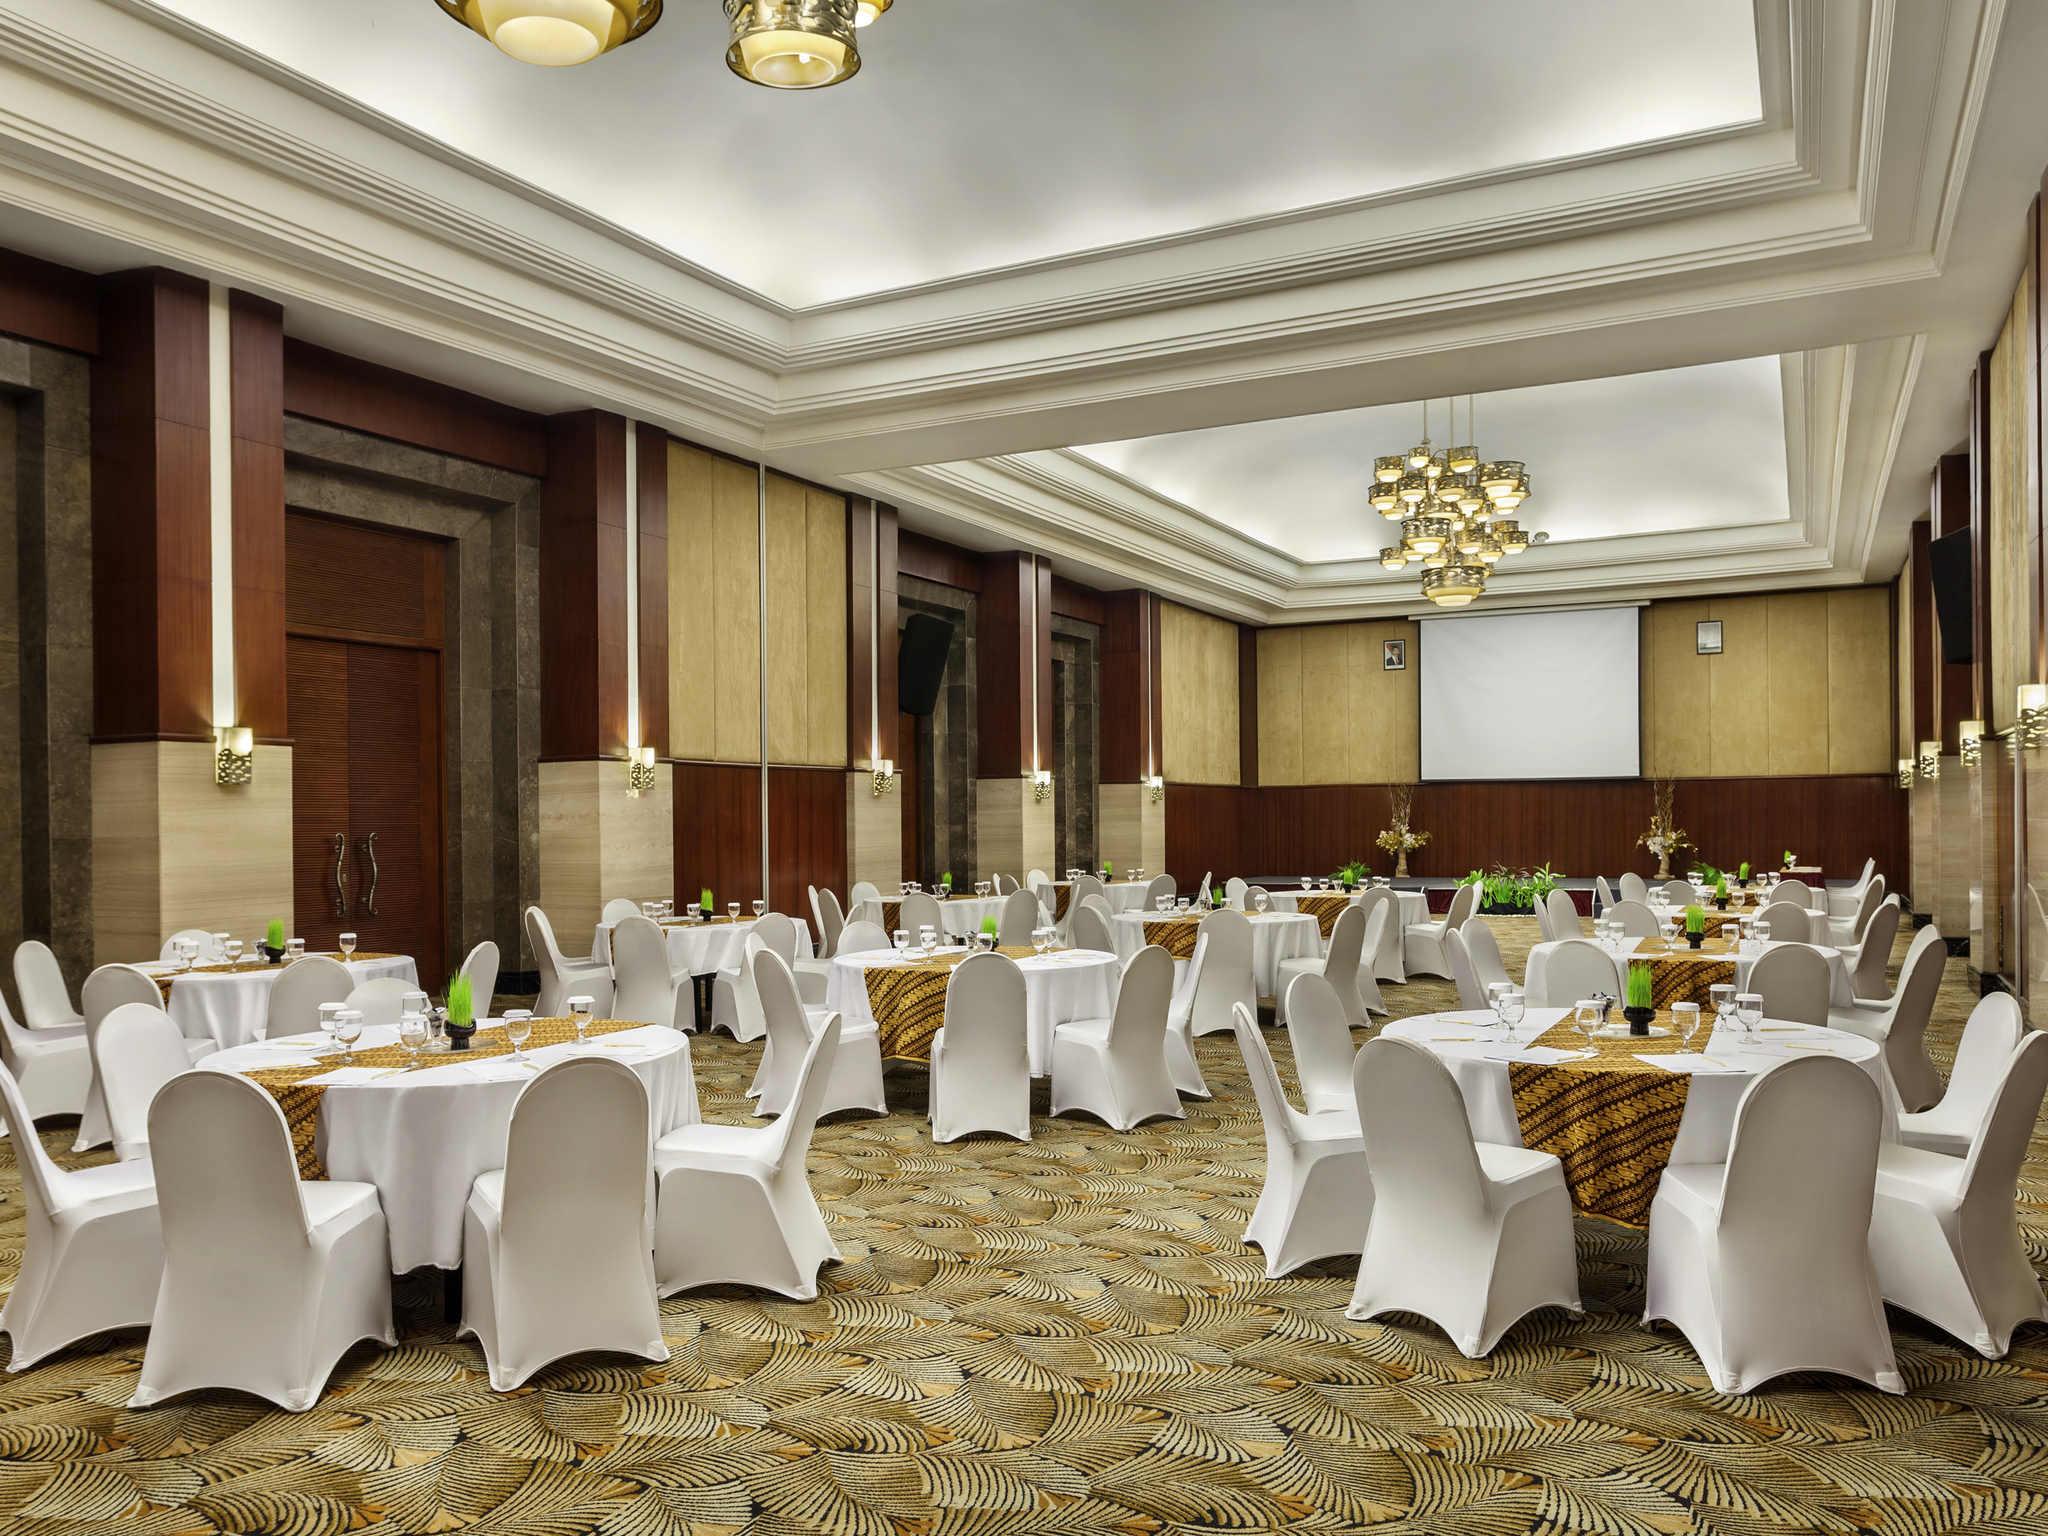 Hotel in semarang novotel semarang accorhotels meetings and events novotel semarang junglespirit Image collections